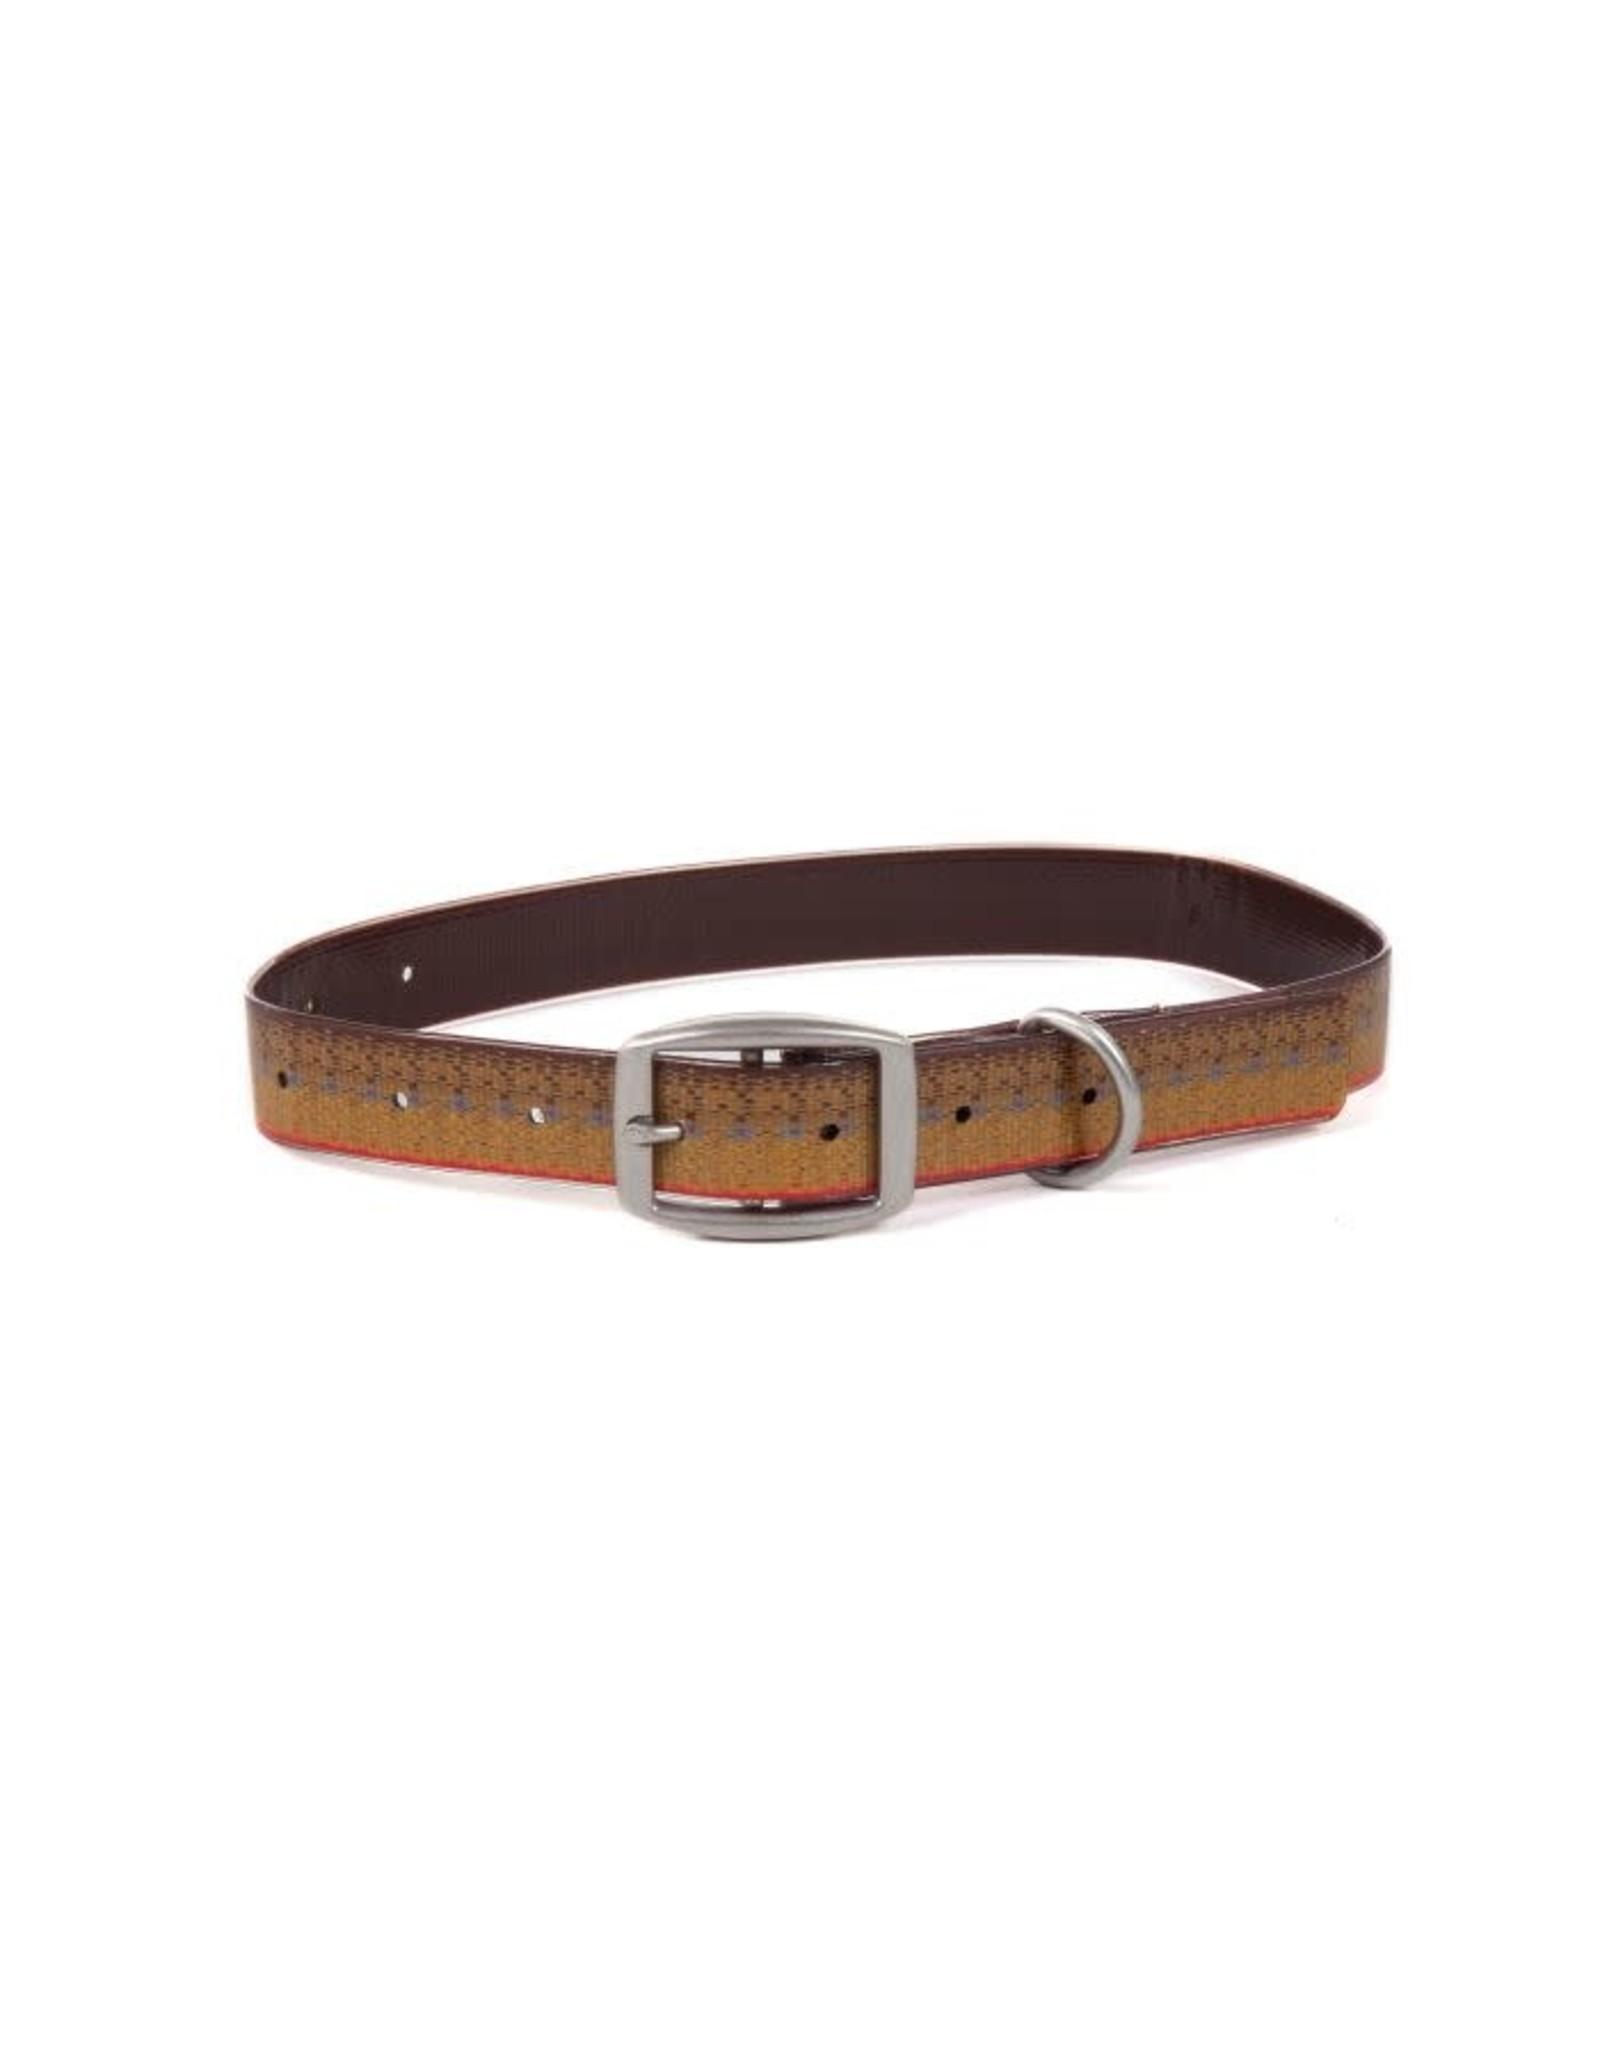 FISHPOND Fishpond Salty Dog Collar - Medium